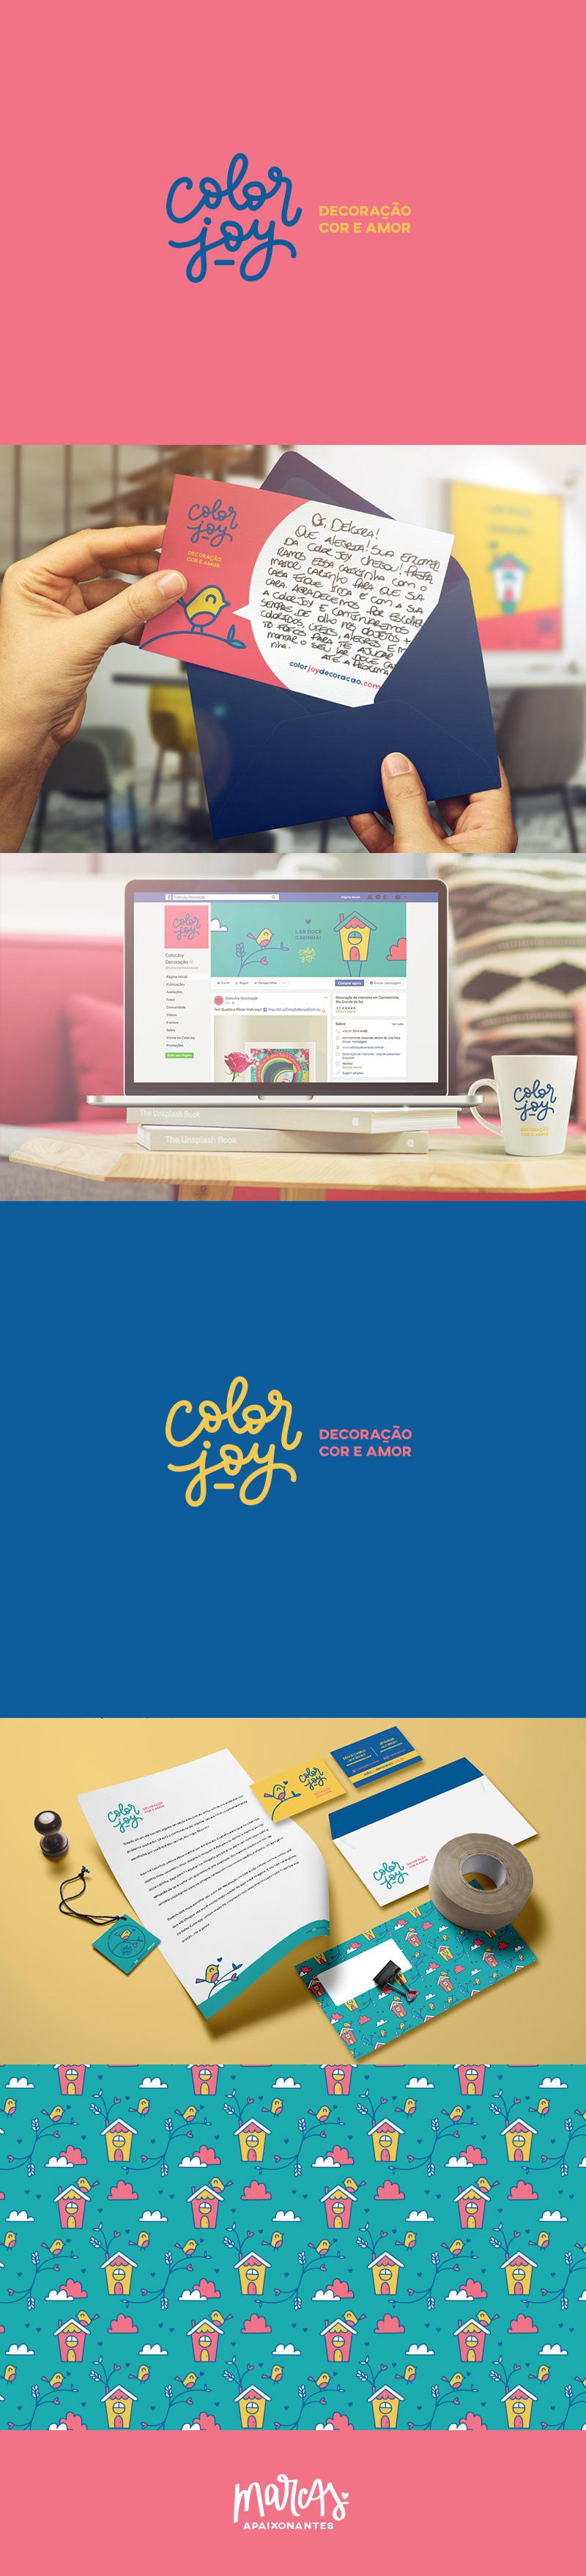 Marca Apaixonante para a ColorJoy - carinhas.com.br